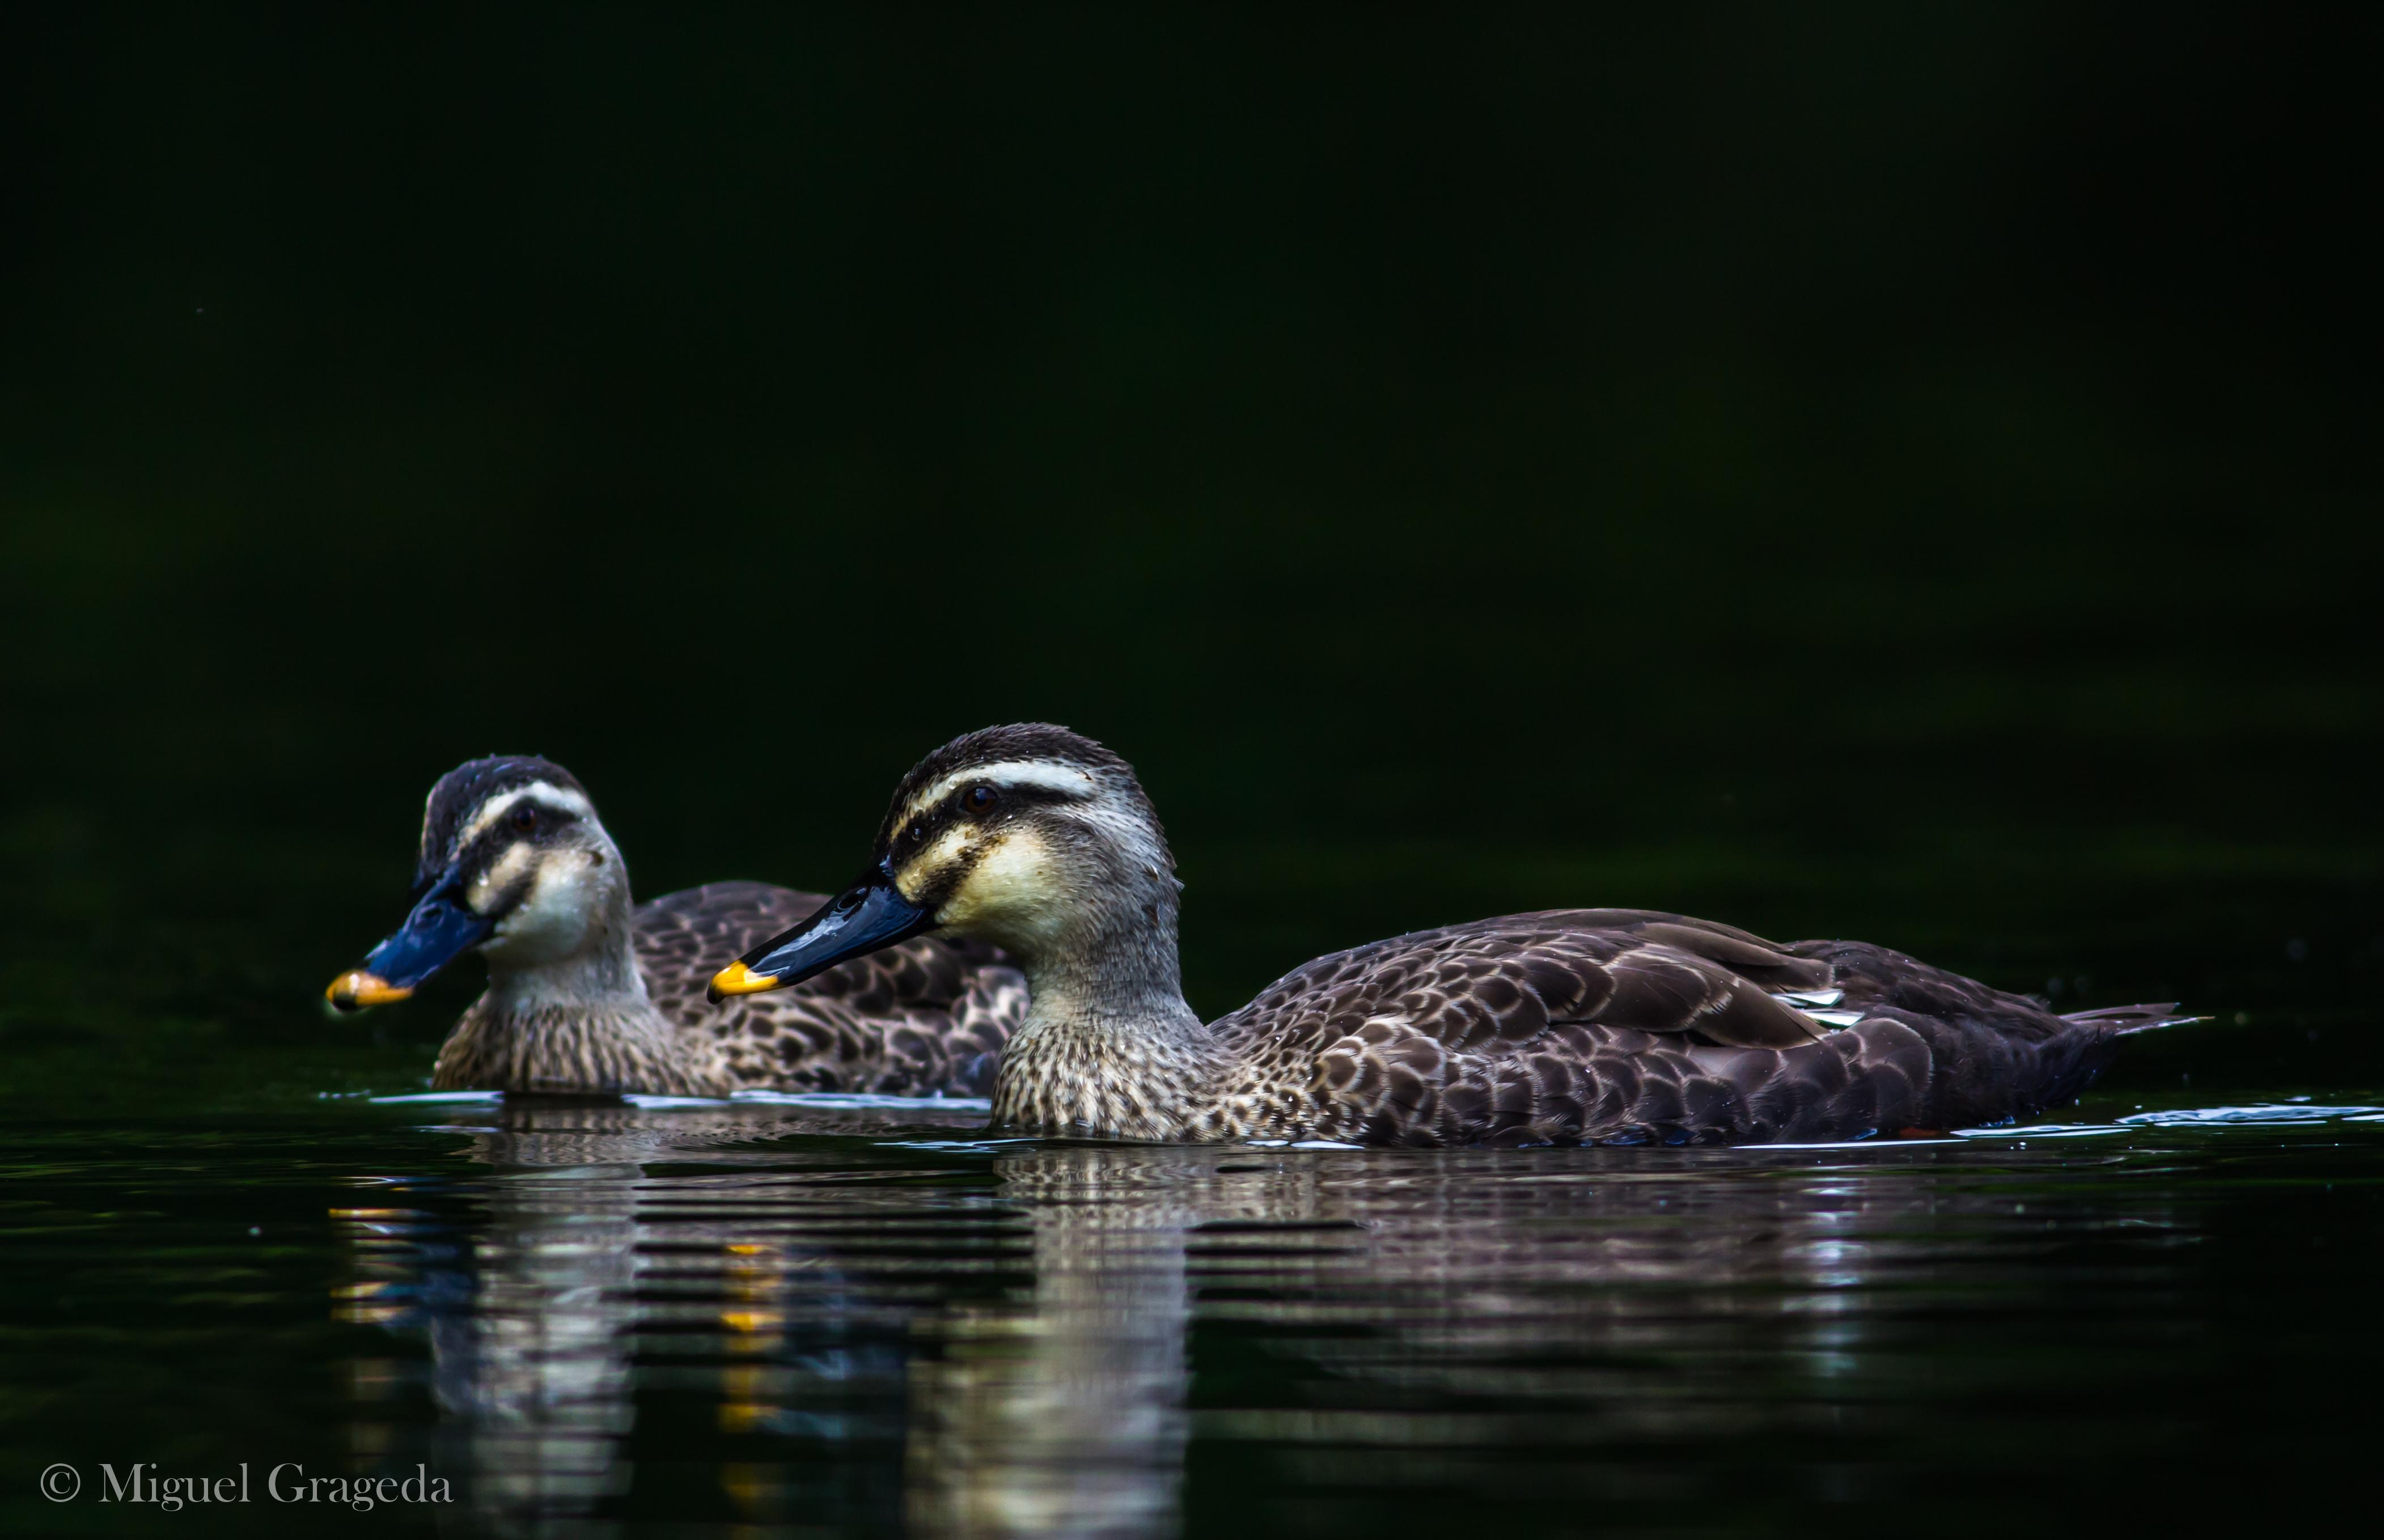 'Karugamo' ducks, Nagano, Japan